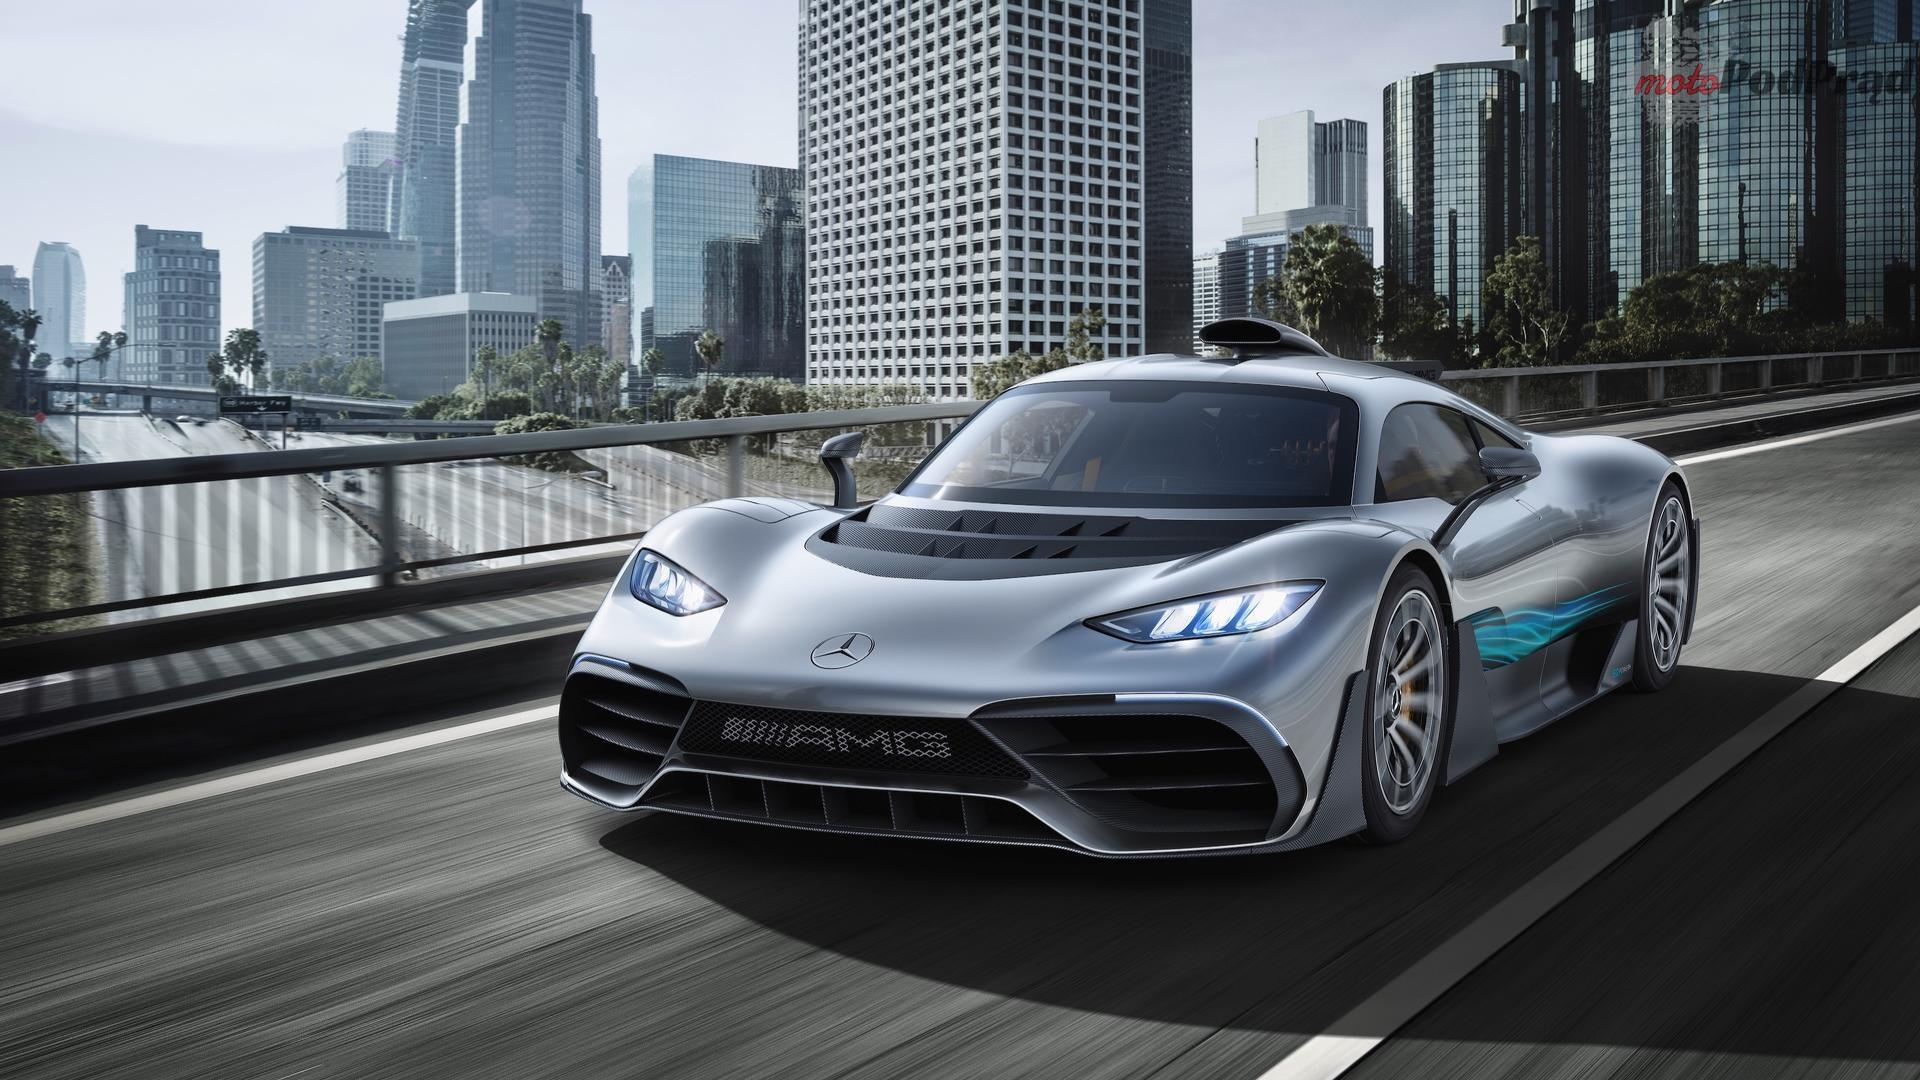 mercedes amg project one Mercedes AMG Project One przesuwa granice wyobraźni